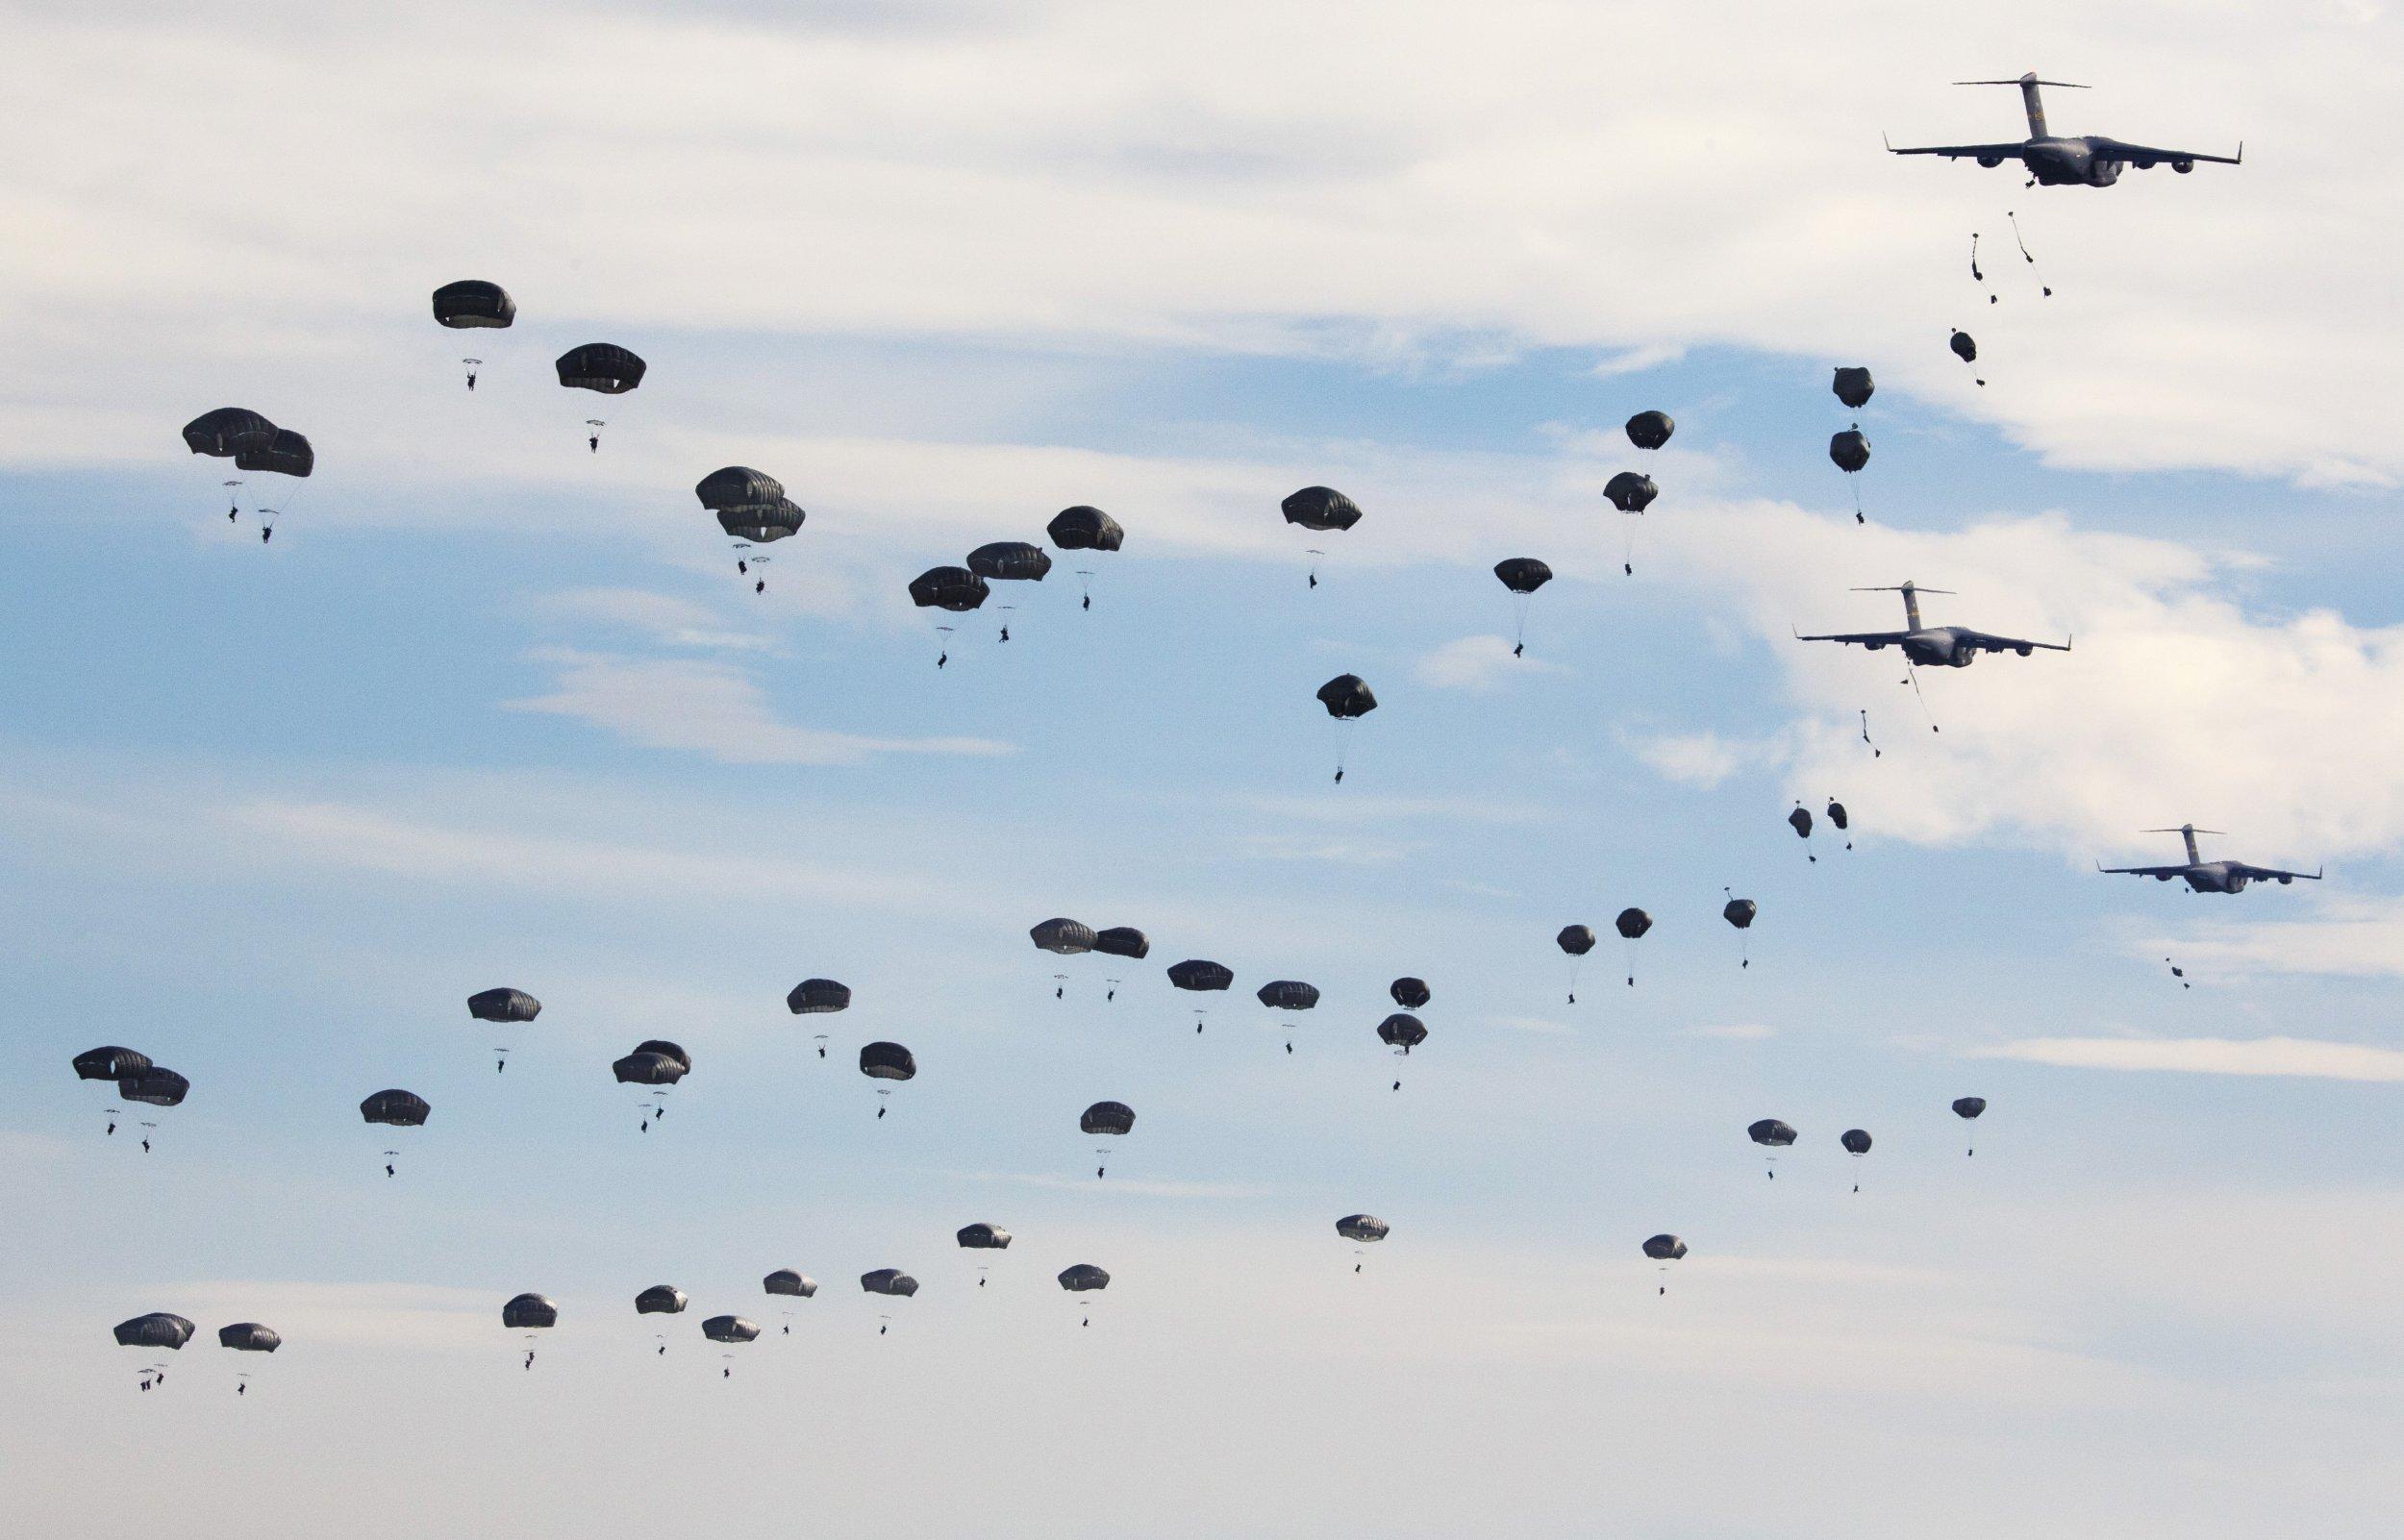 2015-11-16T163511Z_1_LYNXNPEBAF0YC_RTROPTP_4_NATO-EXERCISES